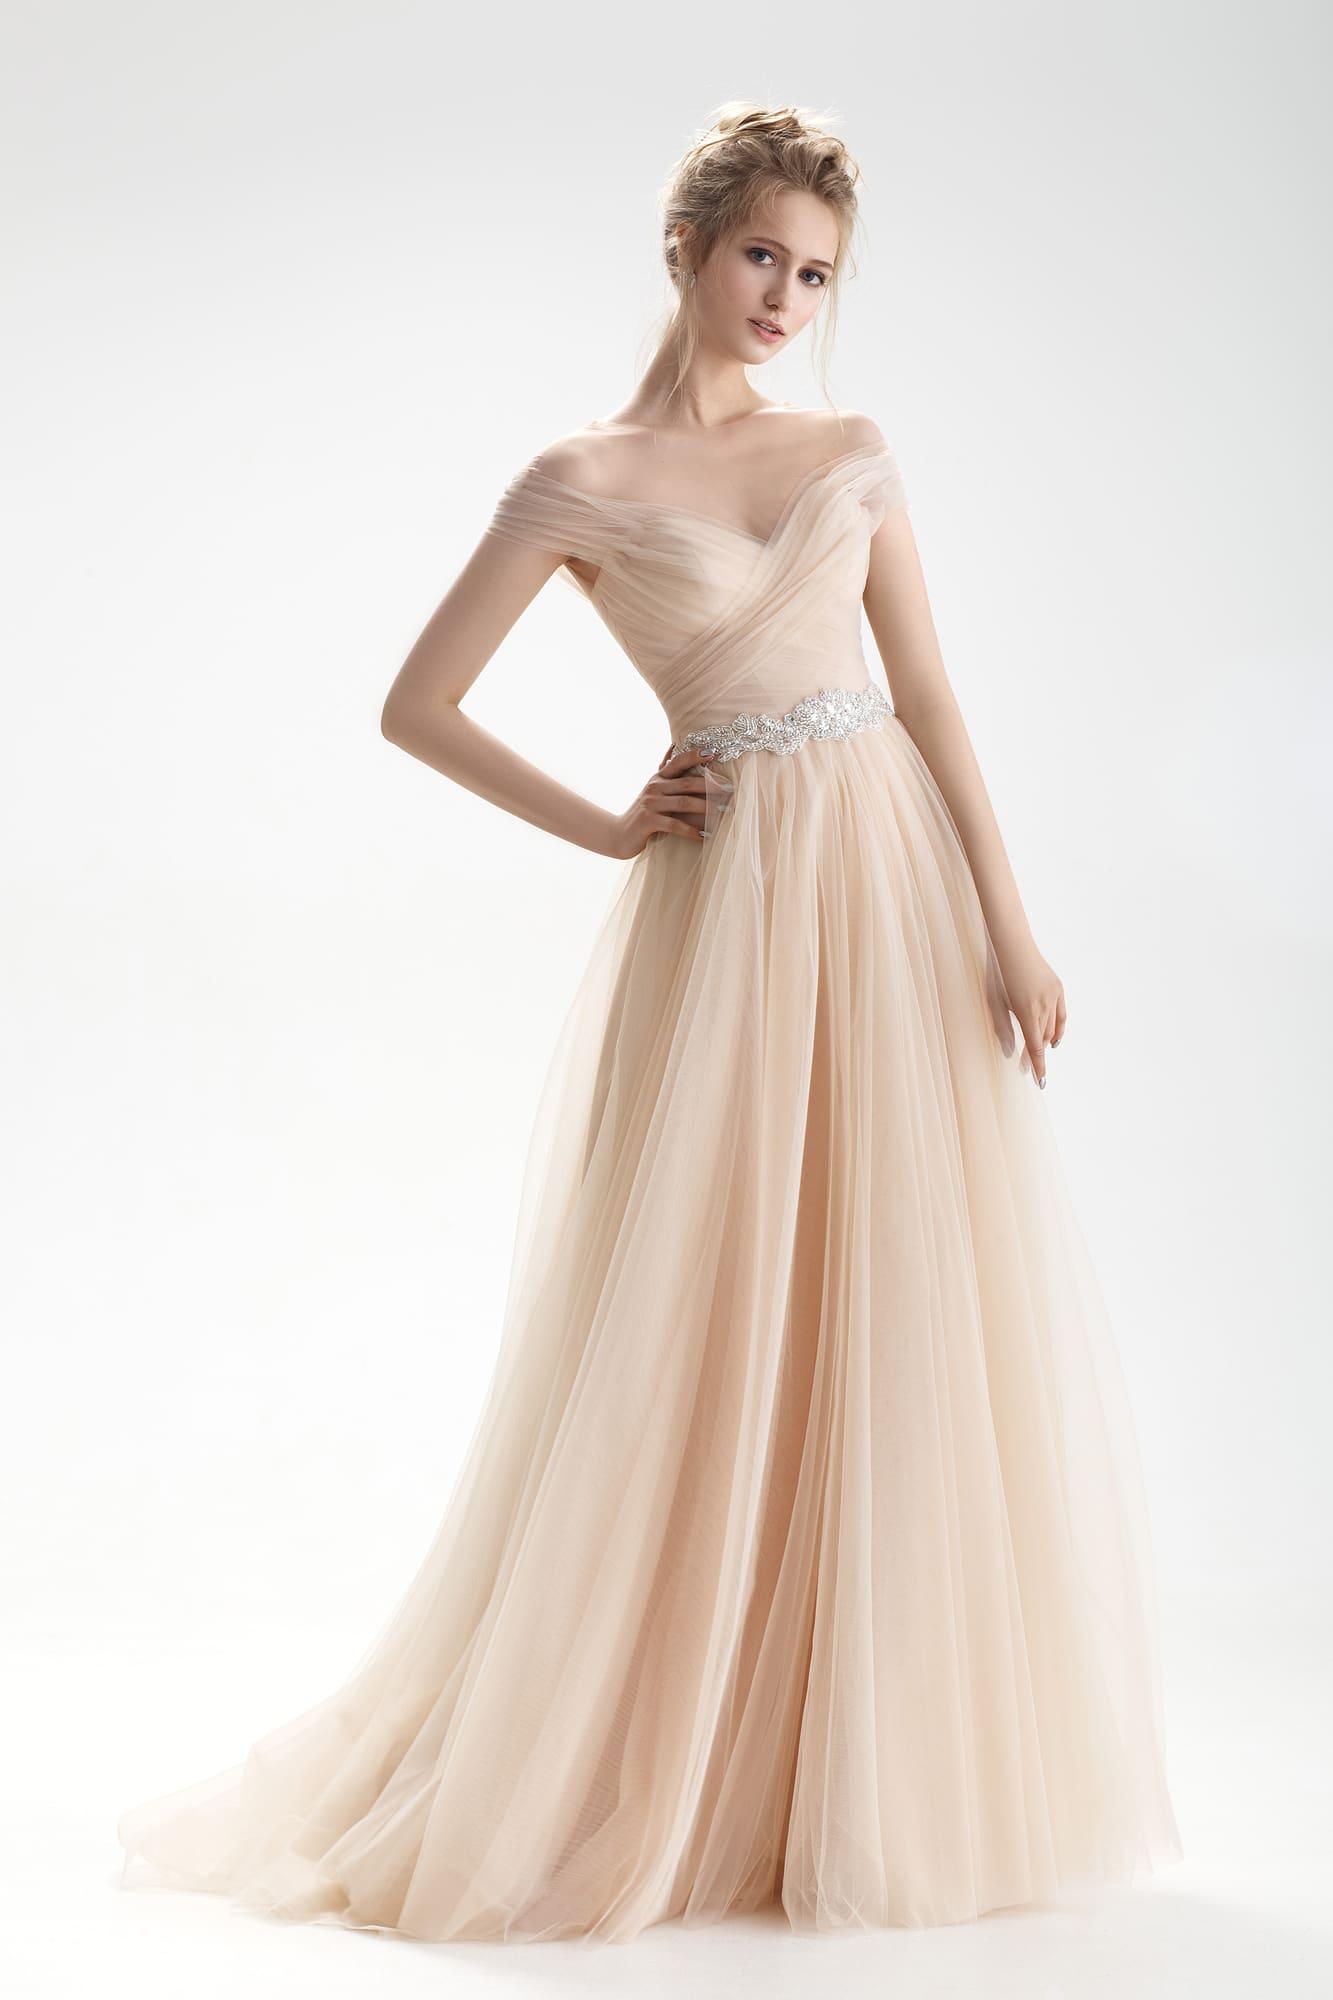 Приятный оттенок бежевого платья